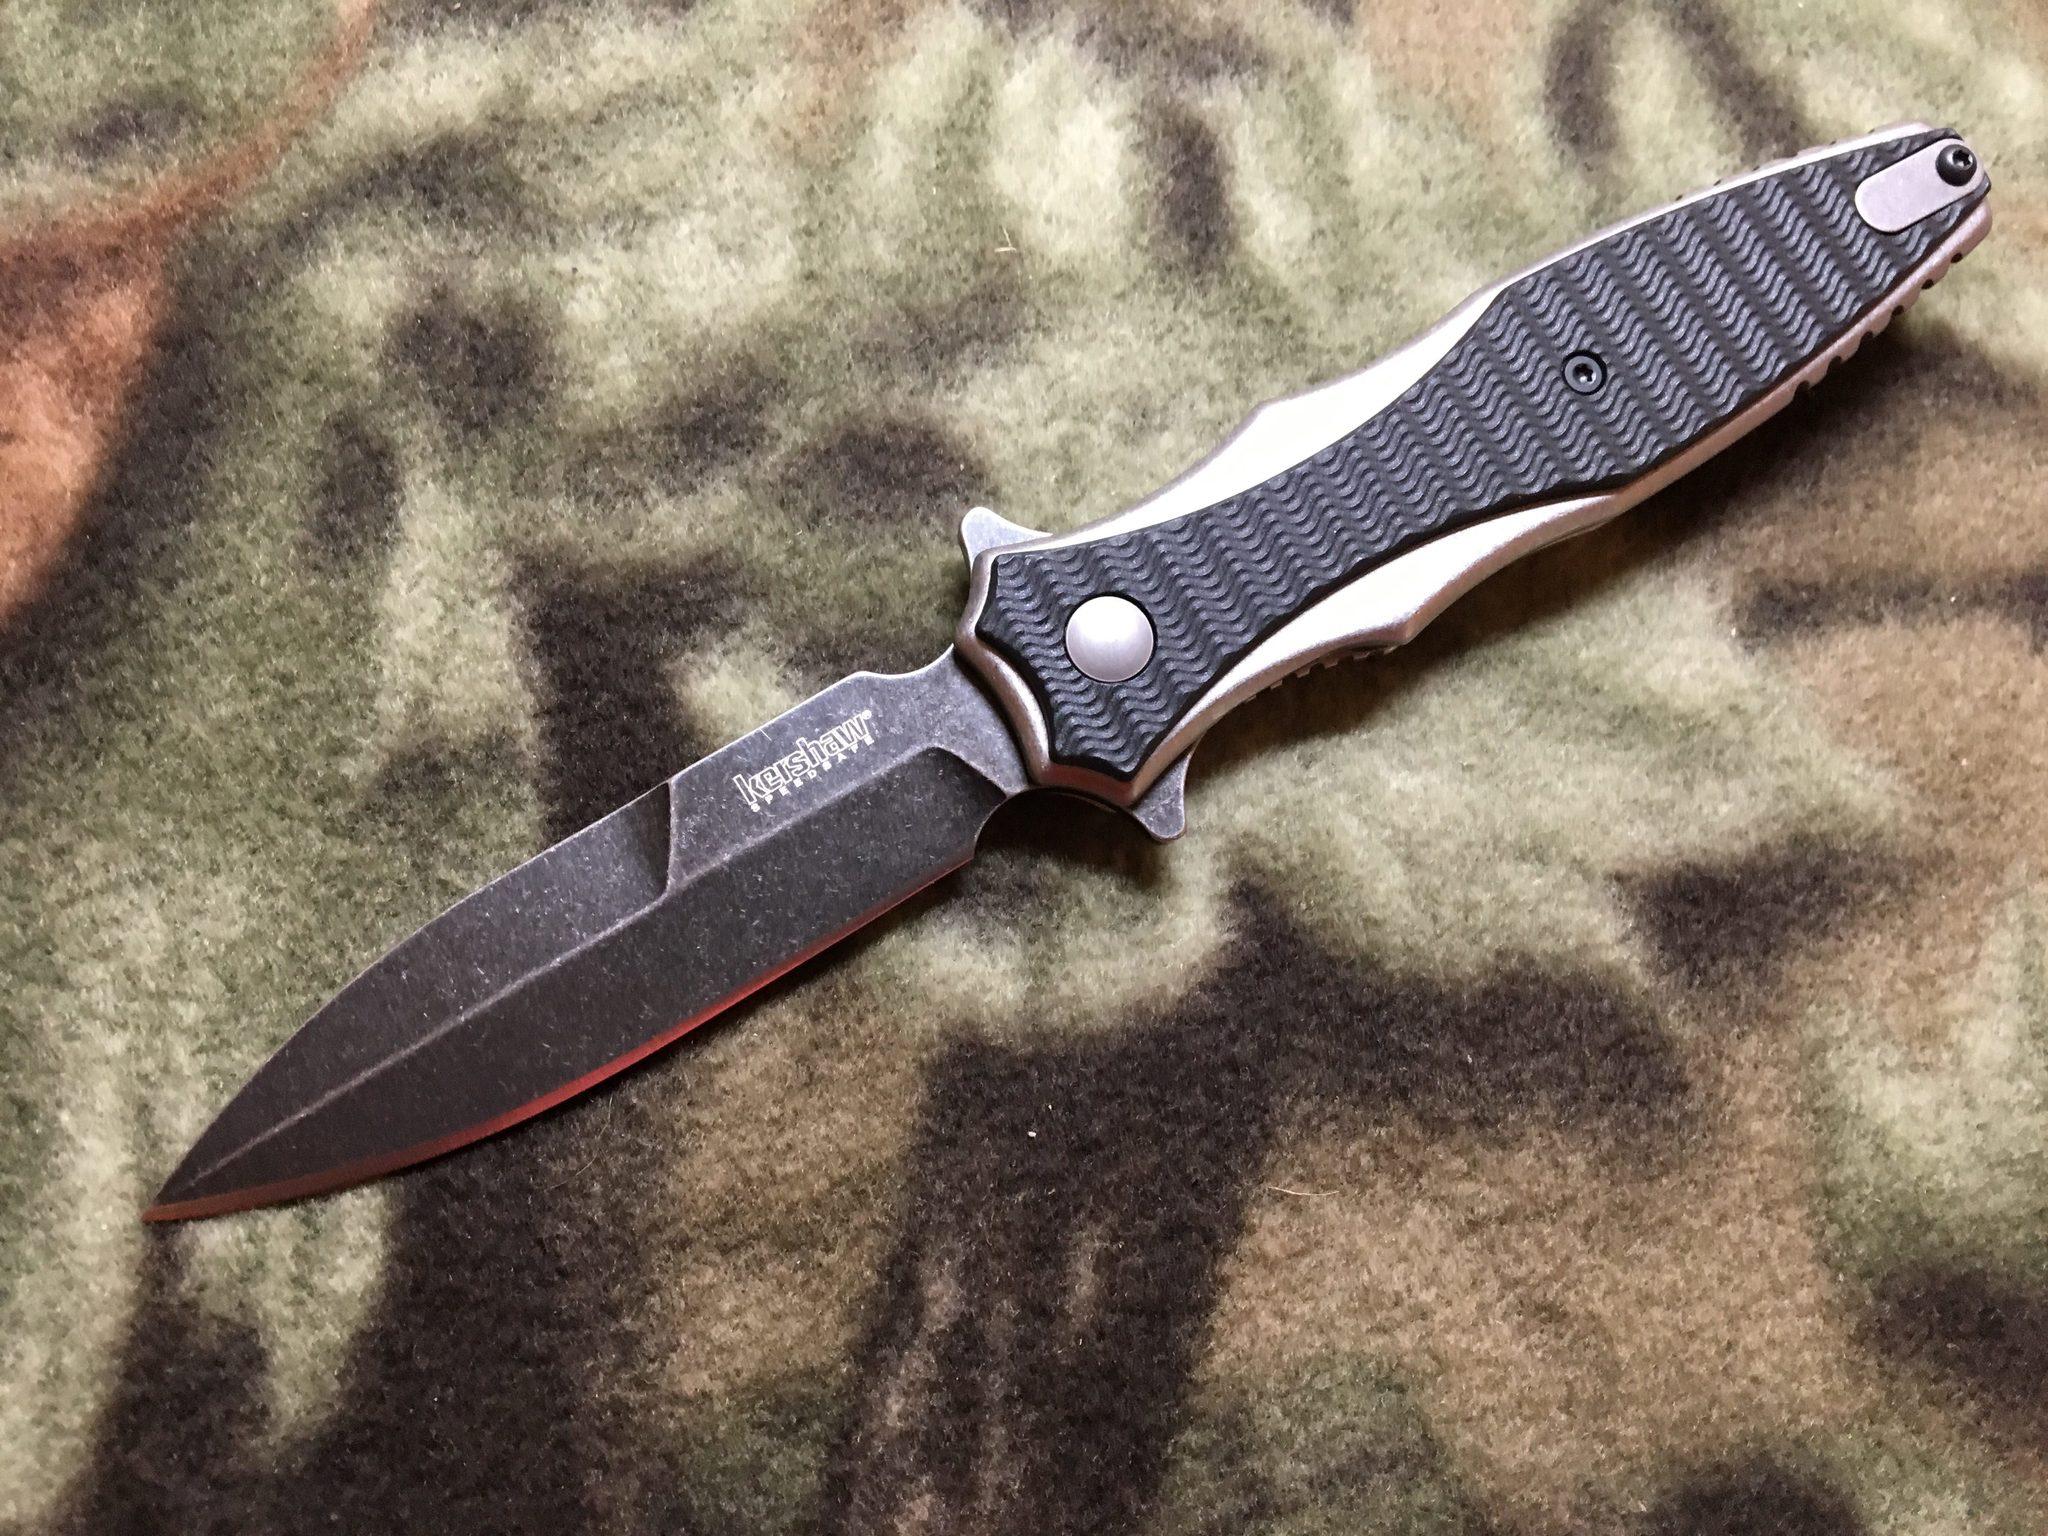 Фото 6 - Складной нож Decimus KERSHAW 1559, сталь 8Cr13MoV, рукоять термопластик GFN/нержавеющая сталь